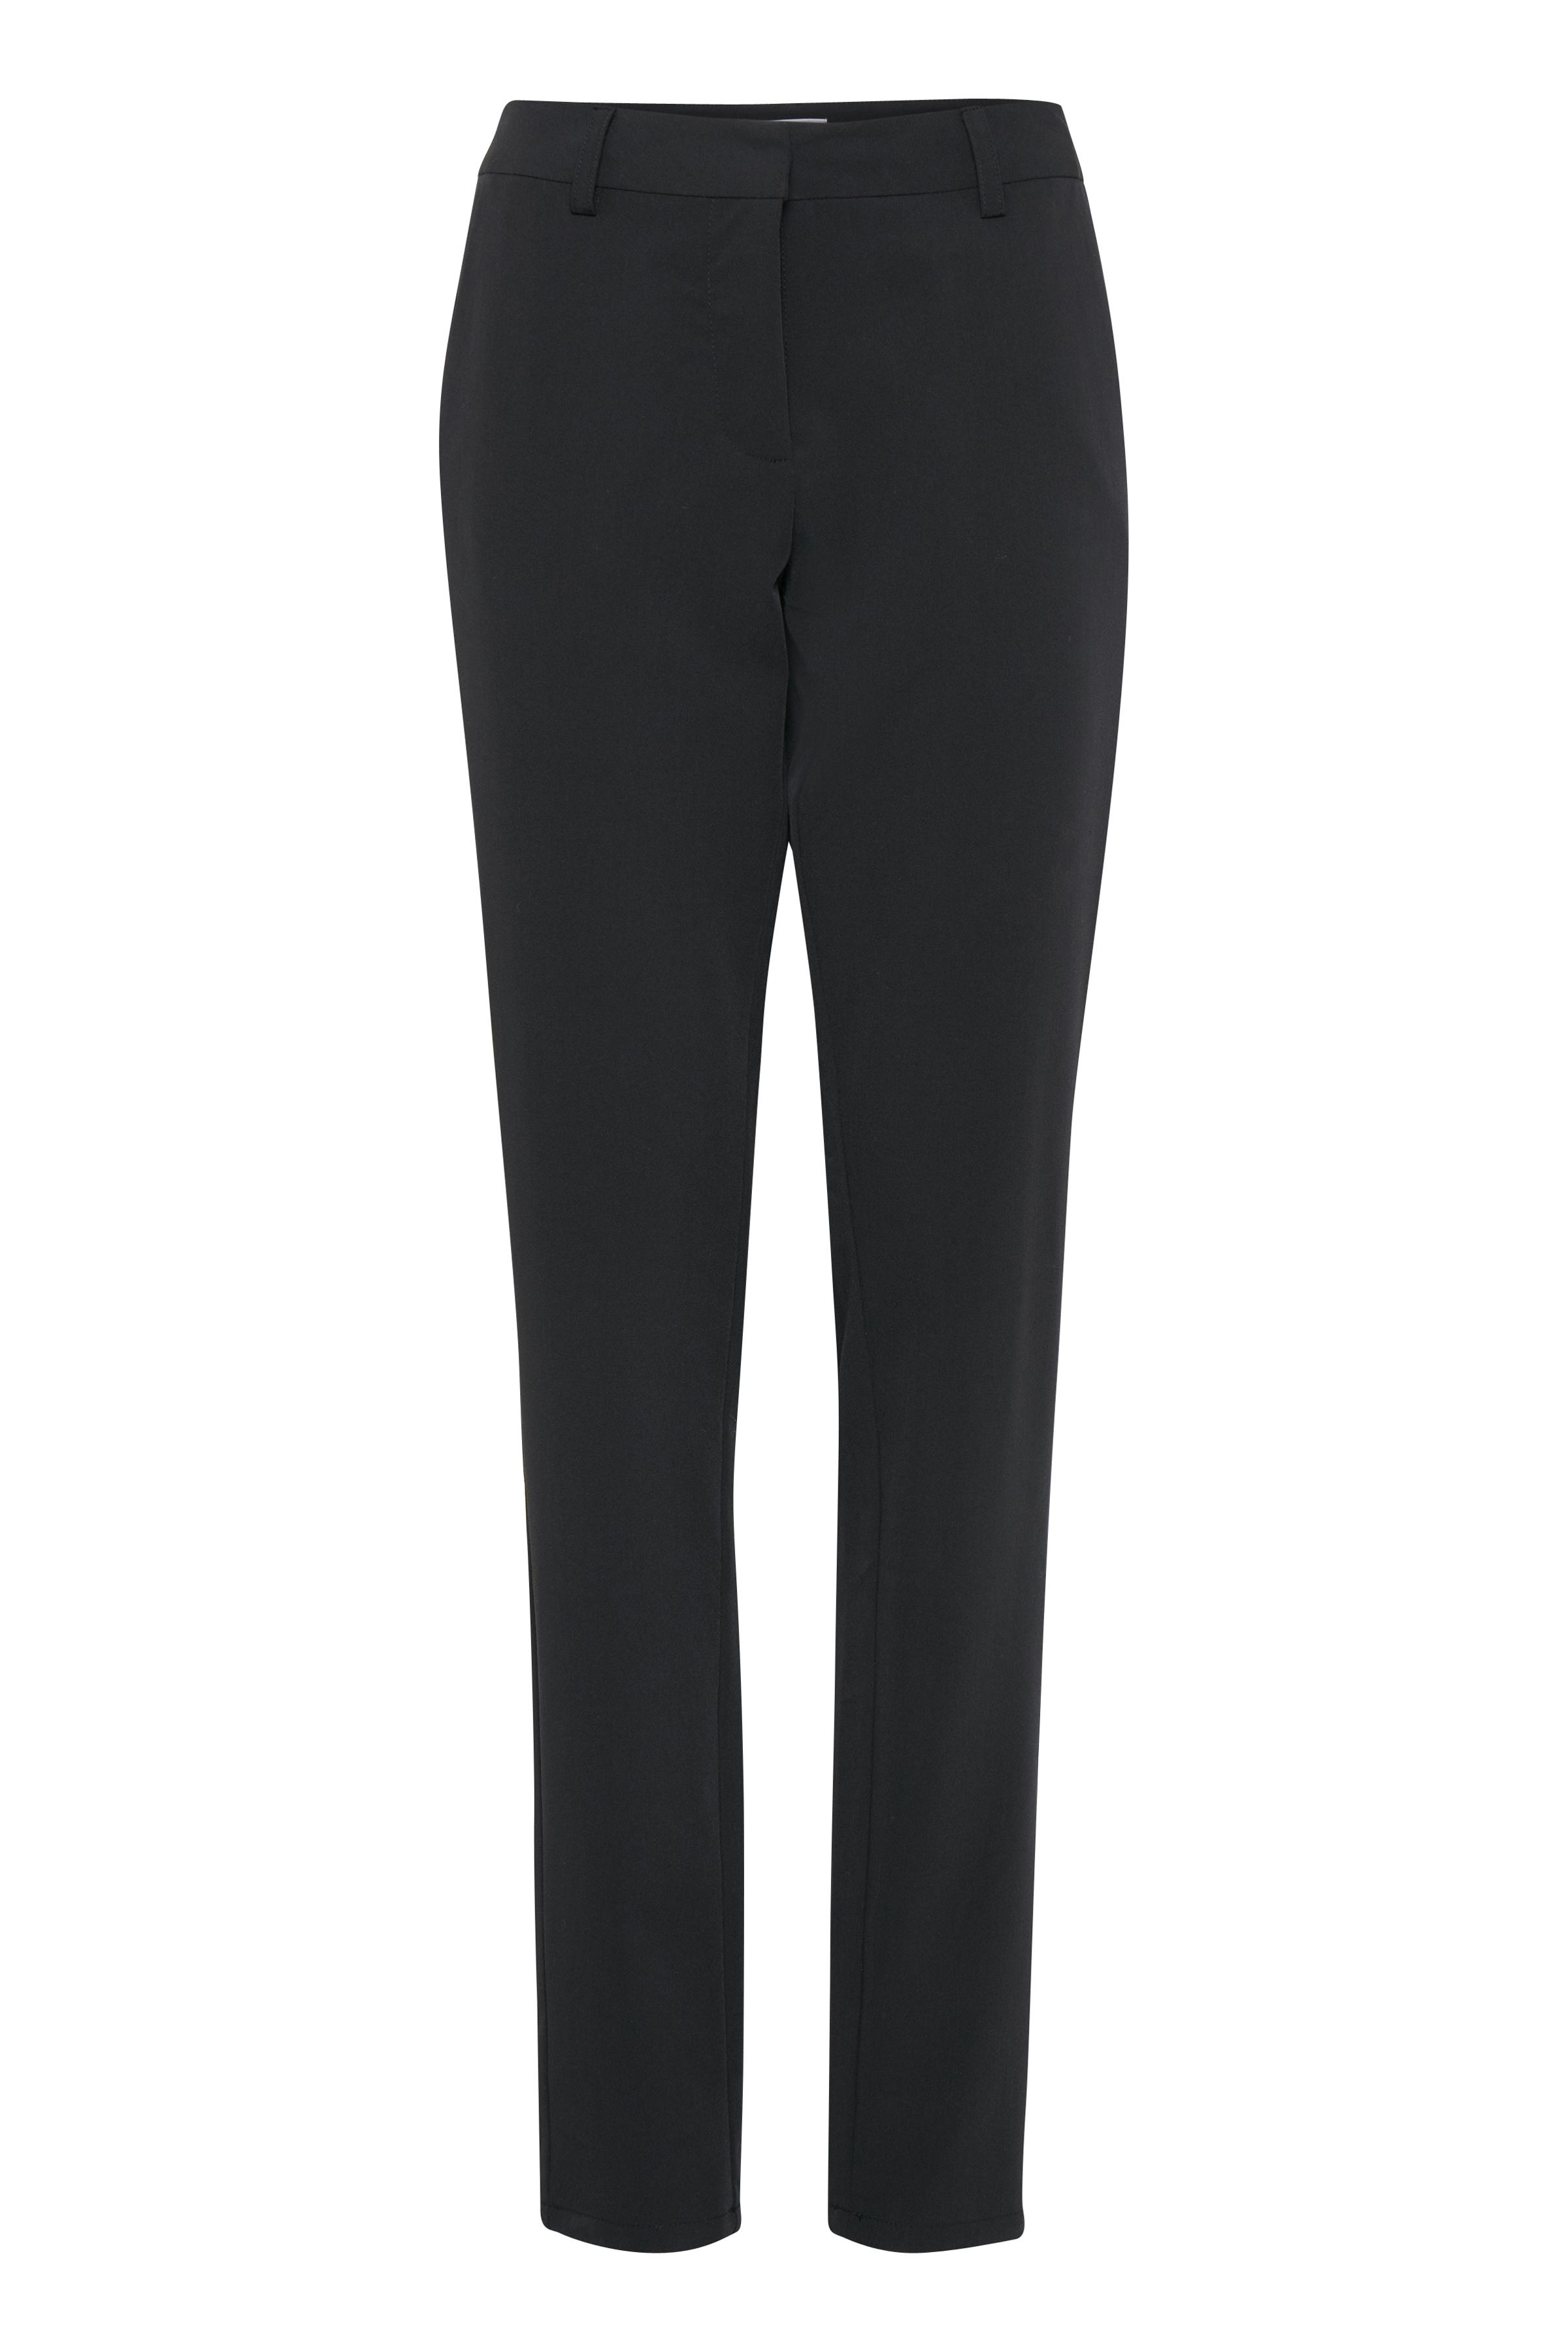 Fransa Dame Et par uundværlige klassiske Zano bukser  - Sort